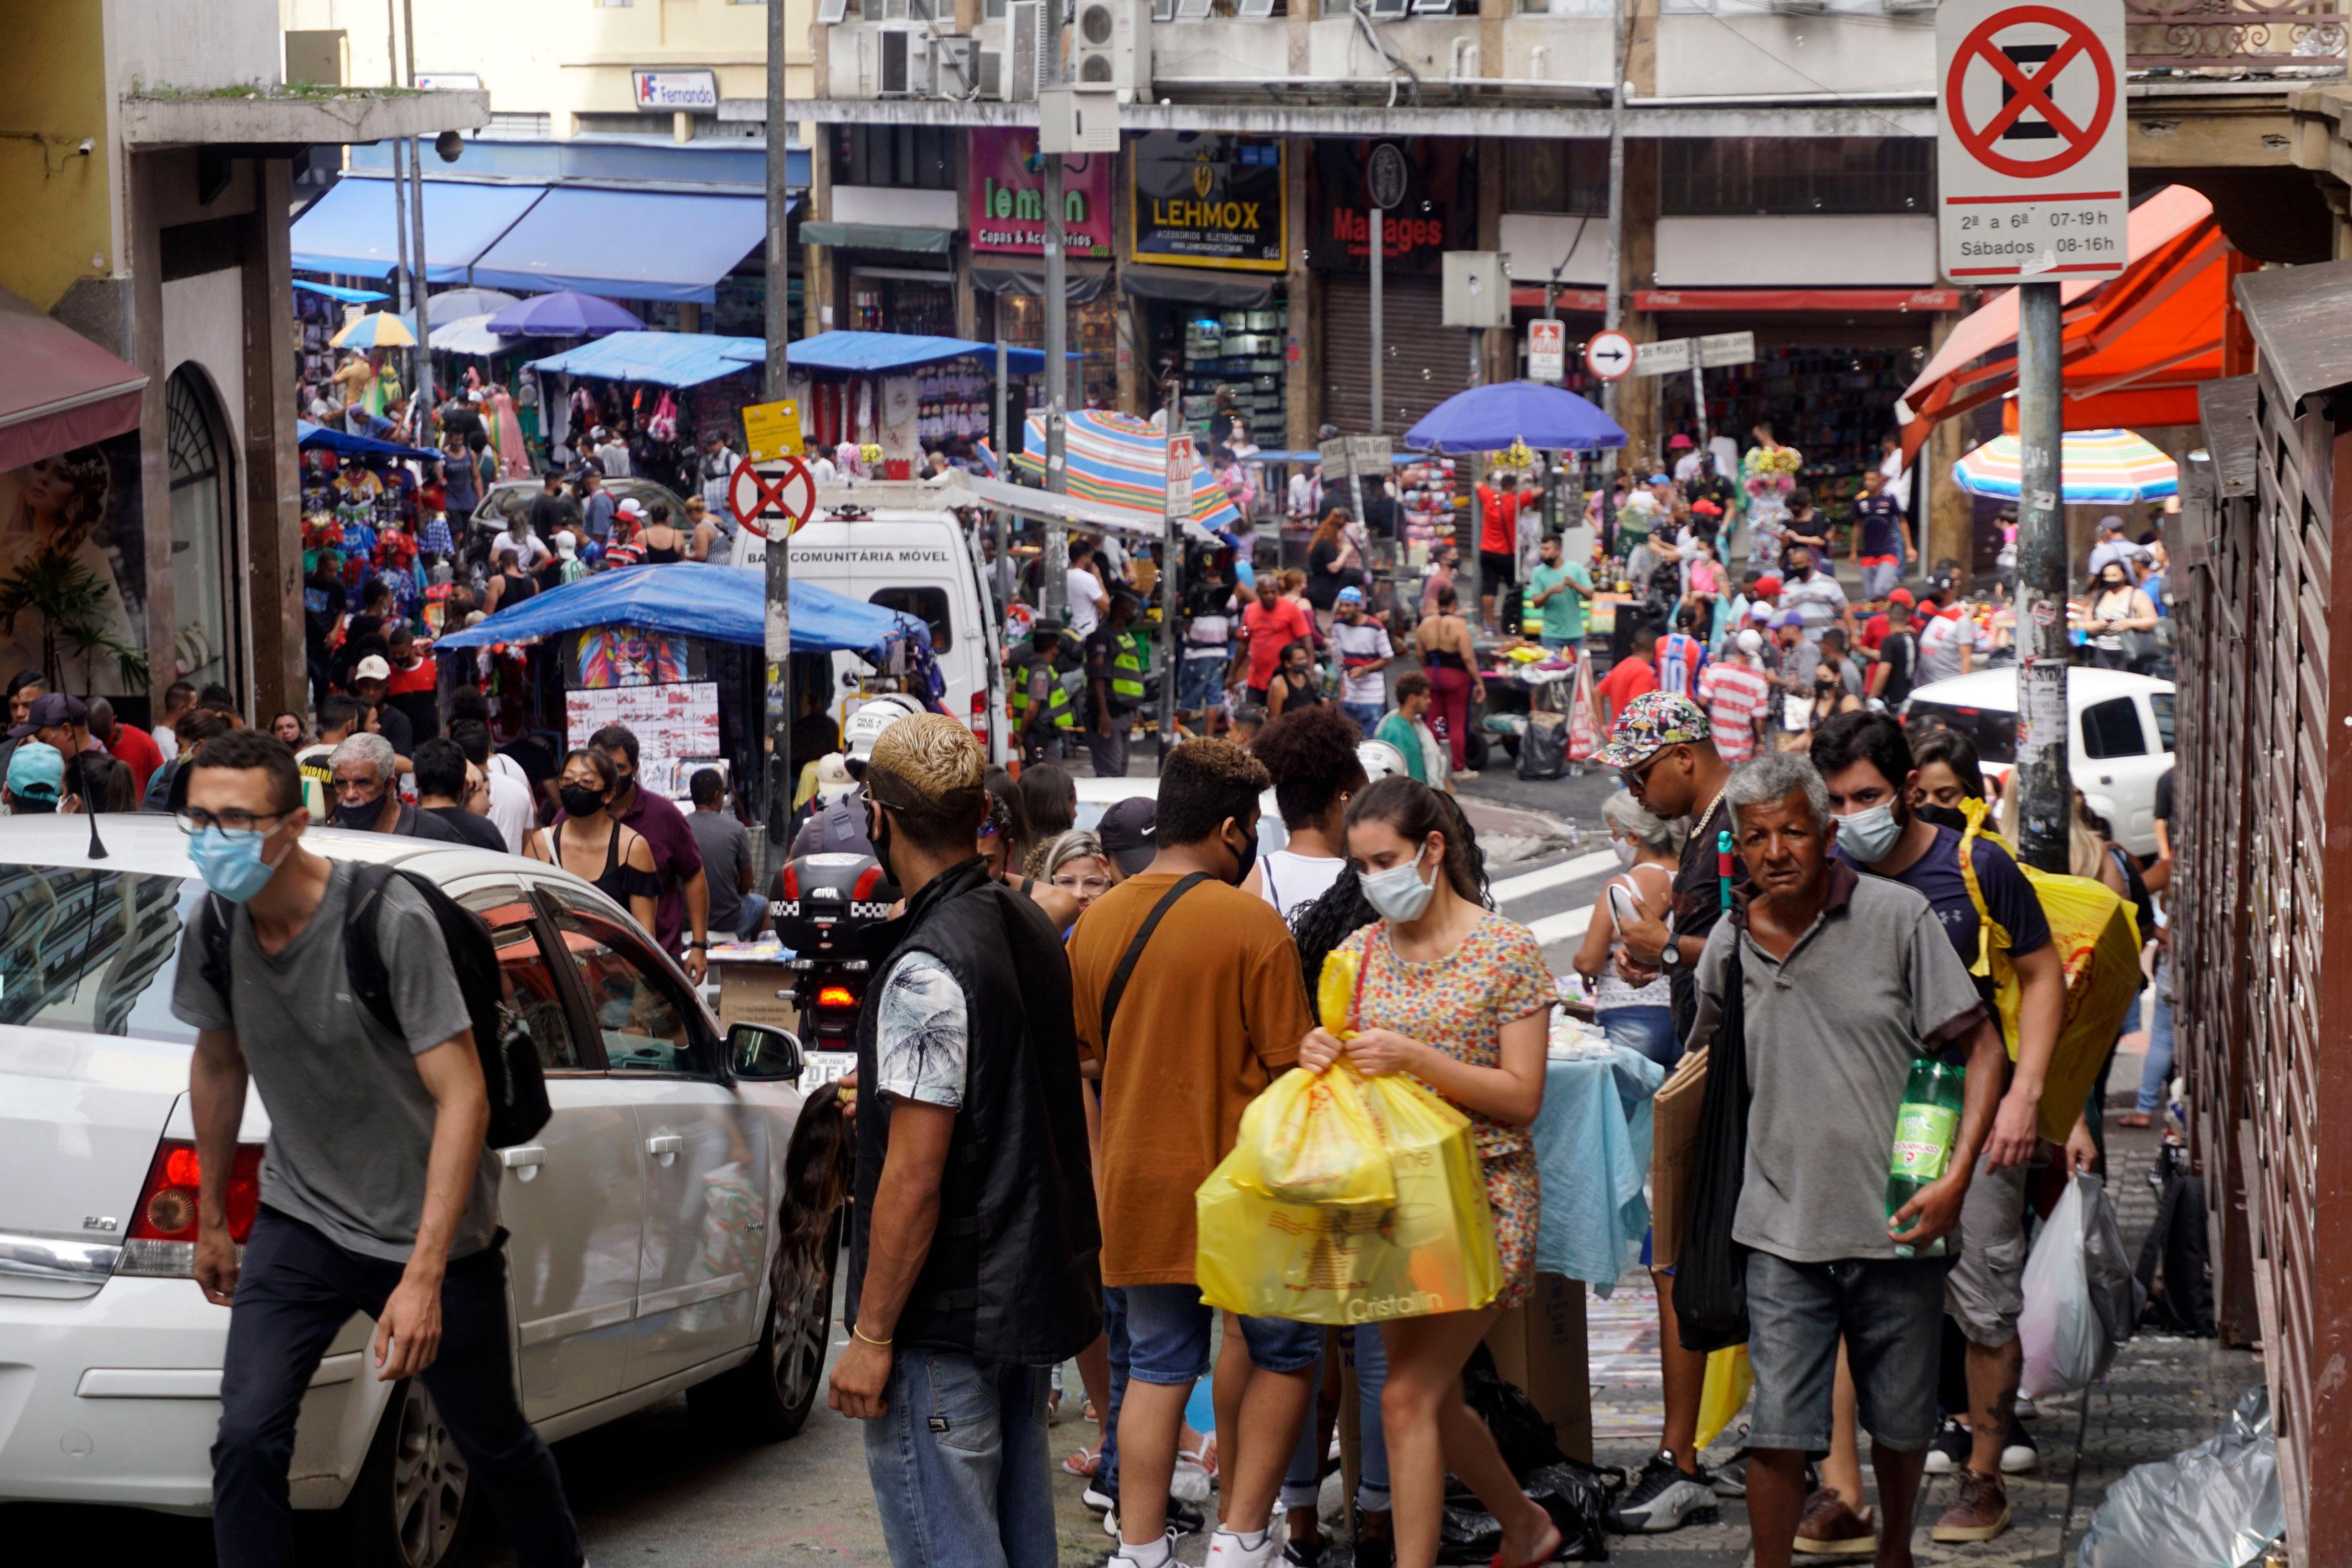 Aglomeração na 25 de março, em São Paulo, durante a pandemia da Covid-19